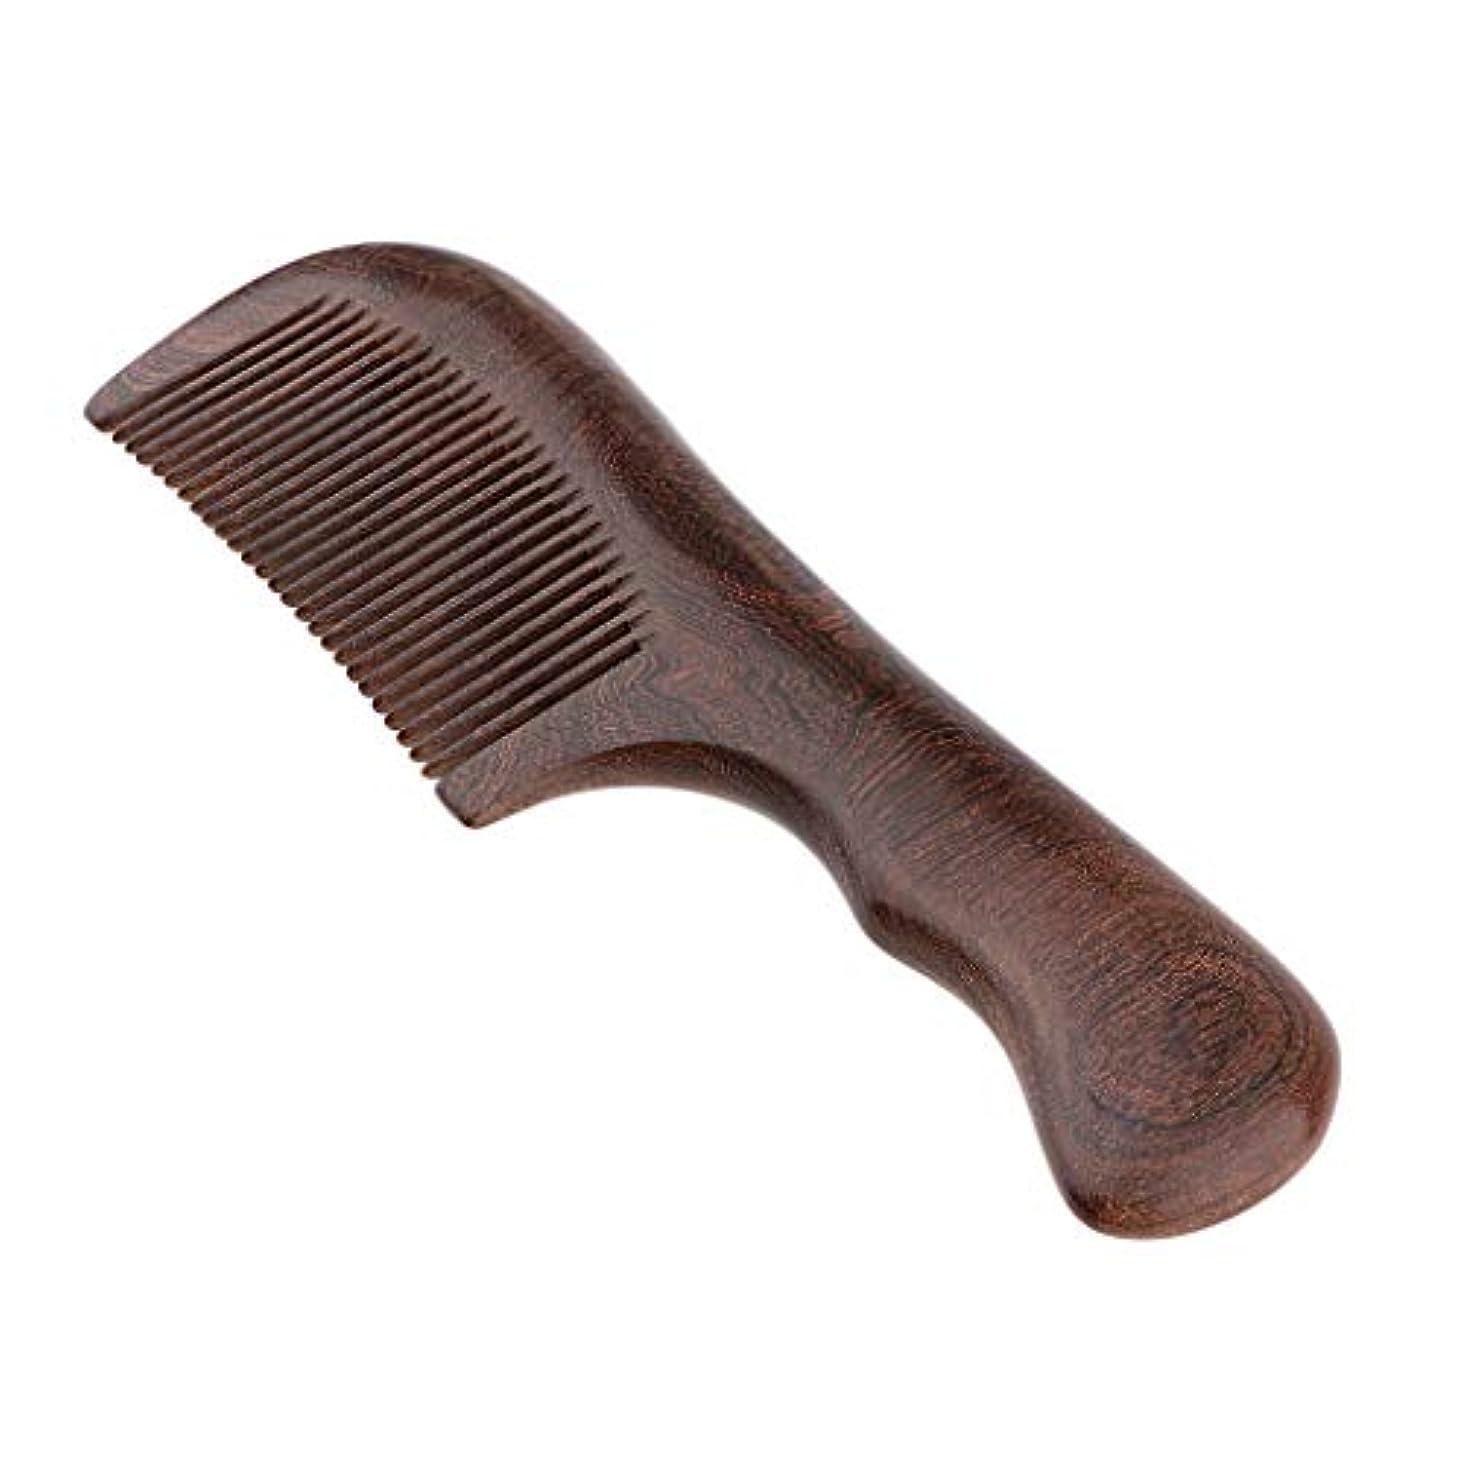 インカ帝国健康的マージン木製櫛 ウッドコーム 頭皮マッサージ ヘアブラシ 2仕様選べ - 細かい歯